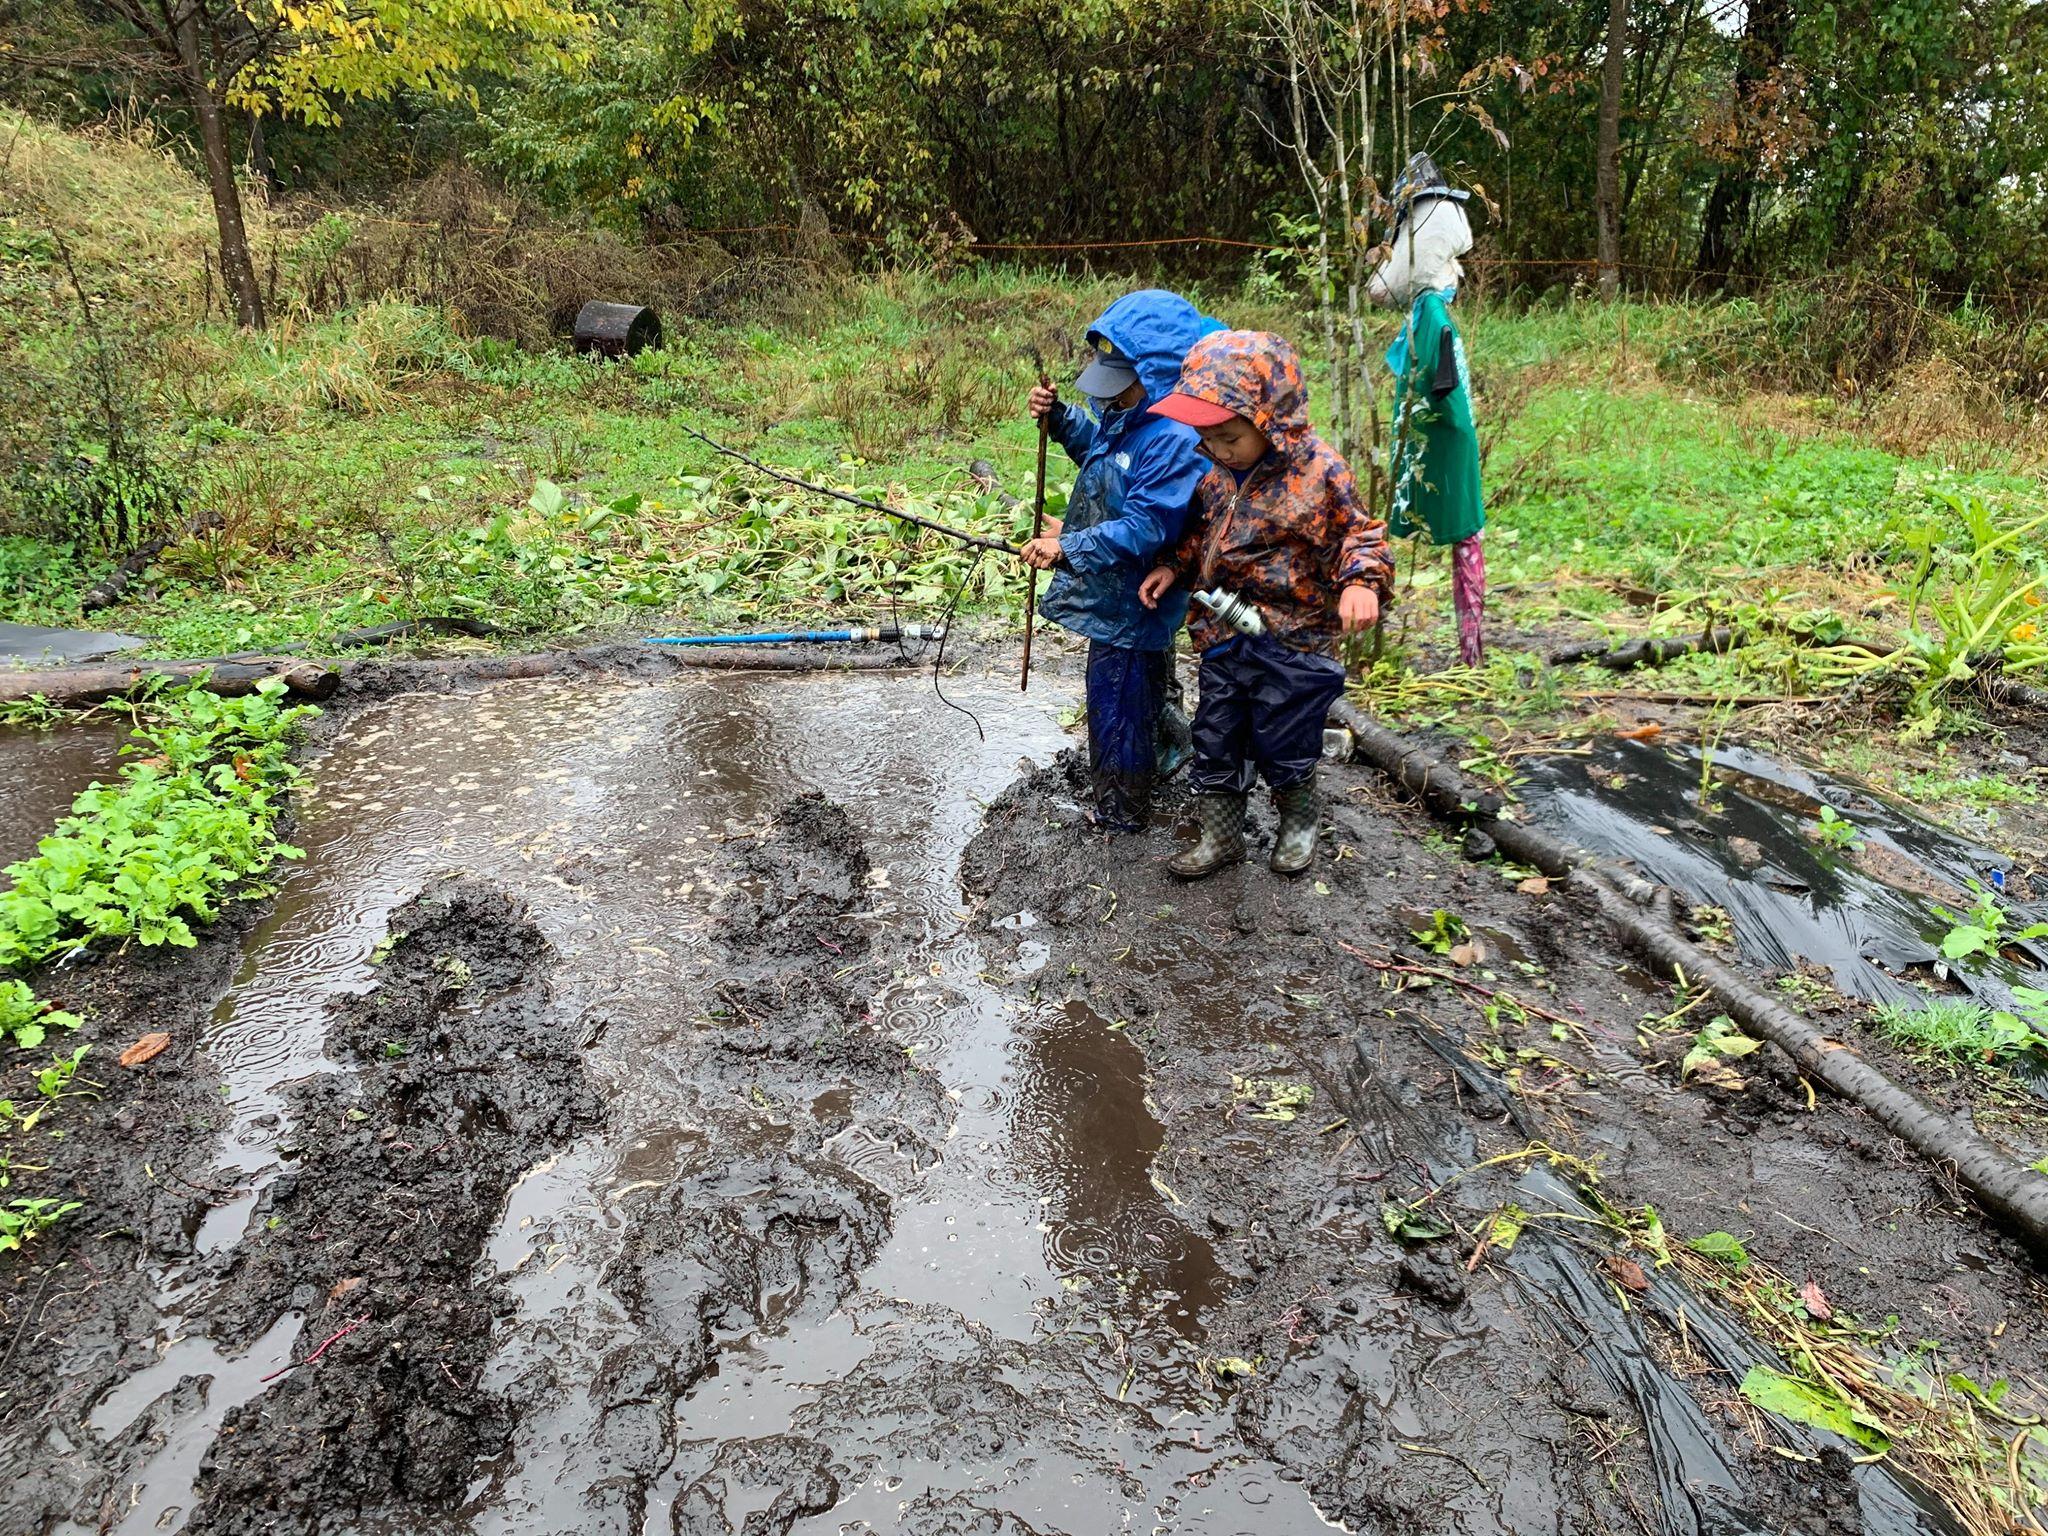 かぜあそびレポート(6) -雨の日ってどう過ごす?ある雨の降った10月-